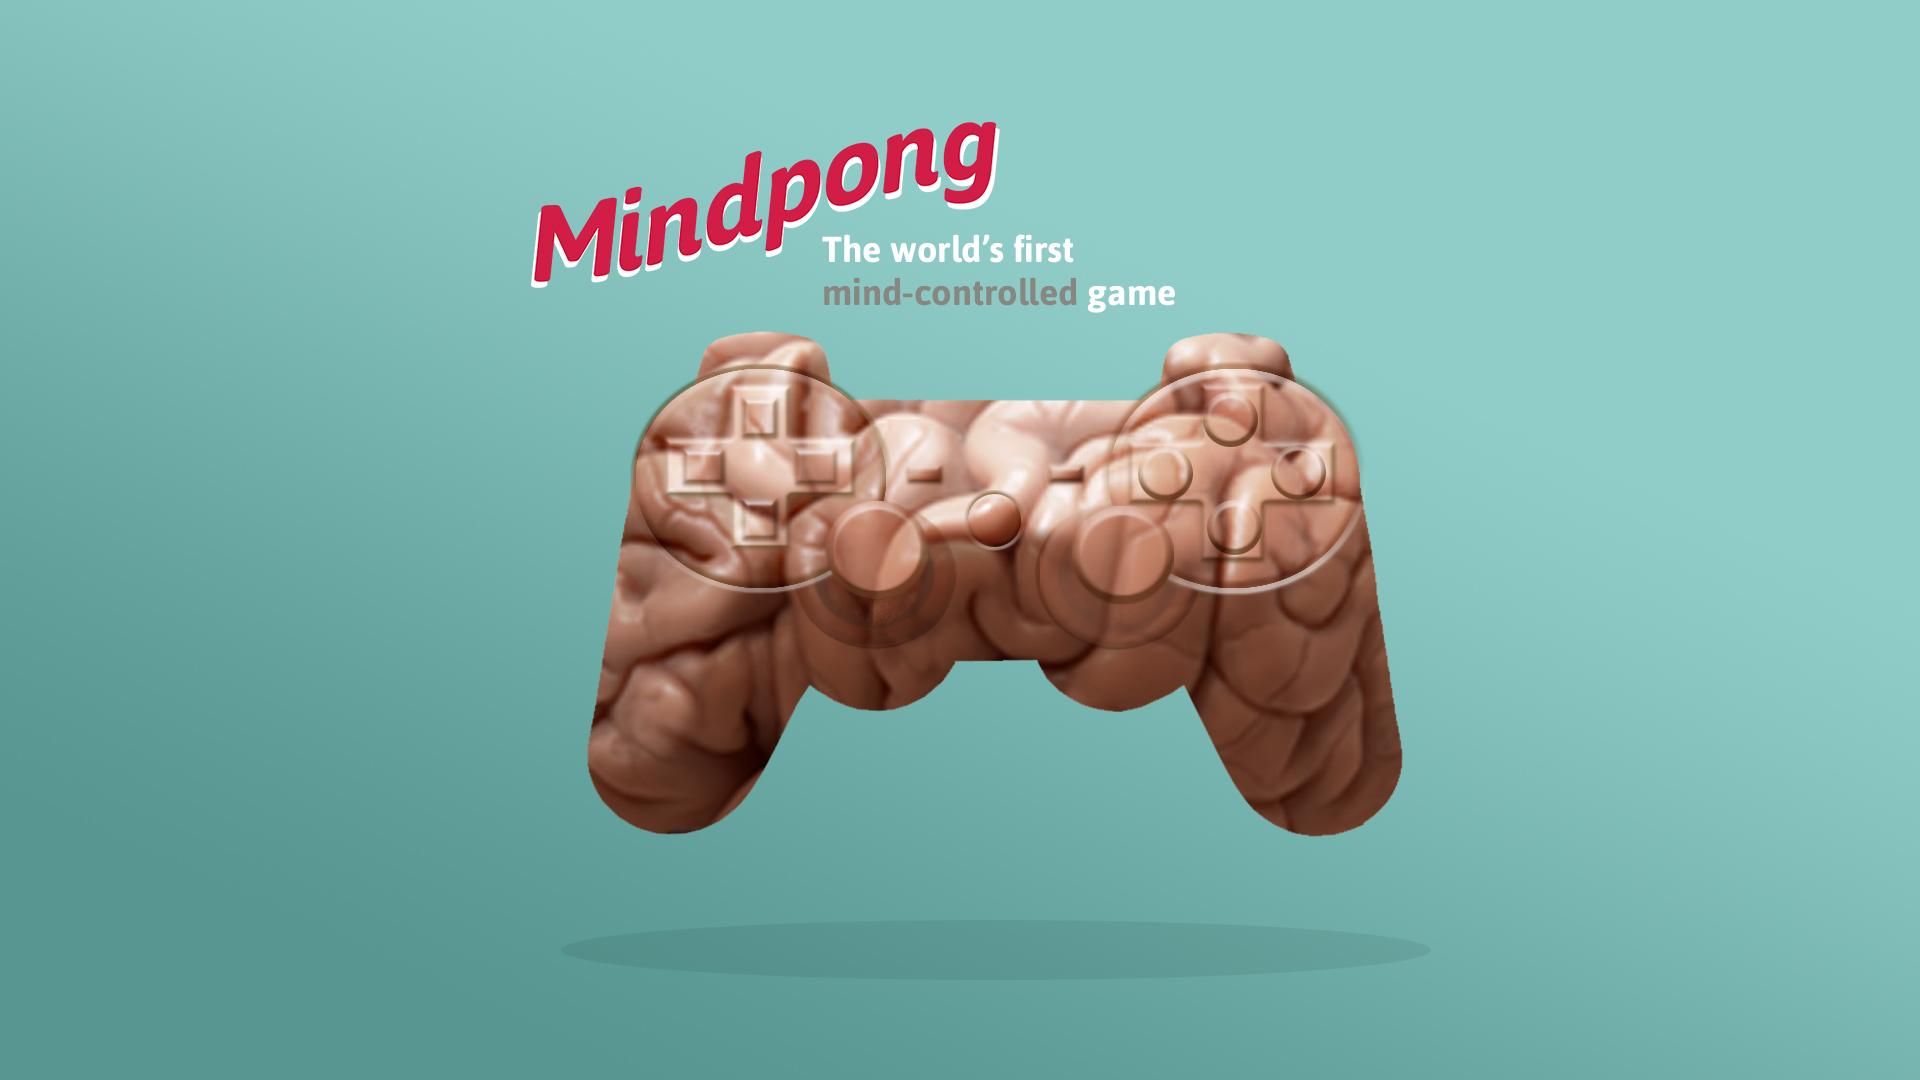 Mindpong